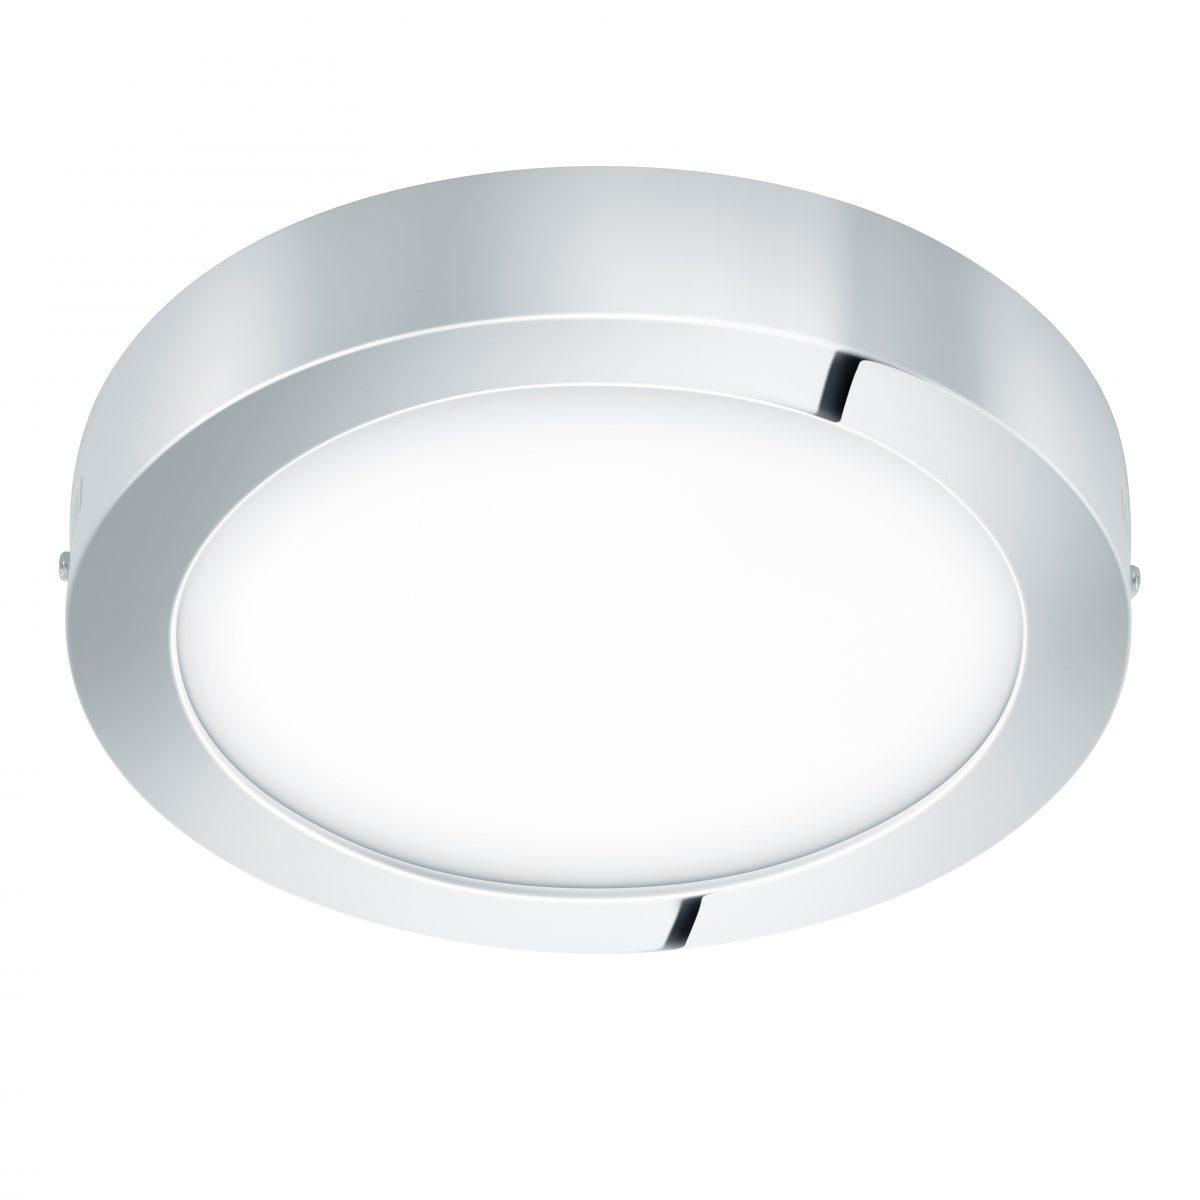 Светильник настенно-потолочный FUEVA 1 EGLO 96246 - Фото №28